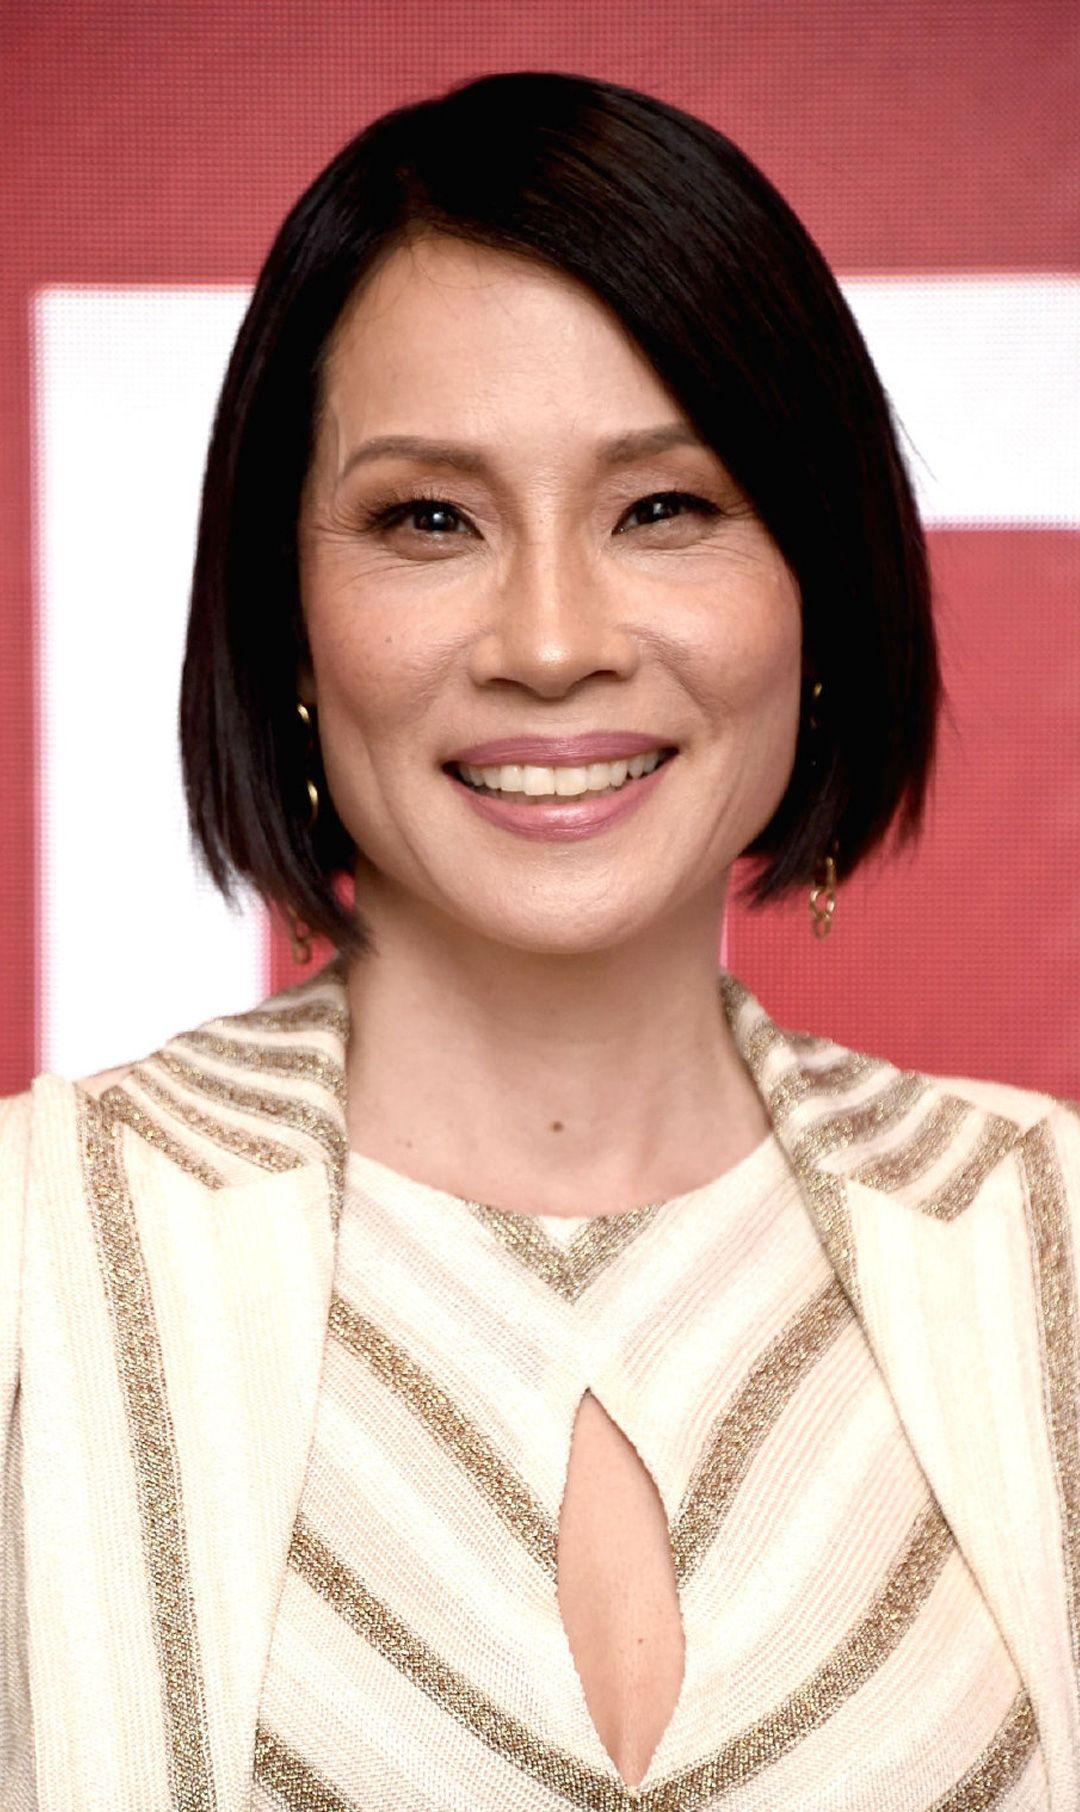 刘玉玲出席活动,一身条纹西装优雅干练,谁能想到她身高才156?